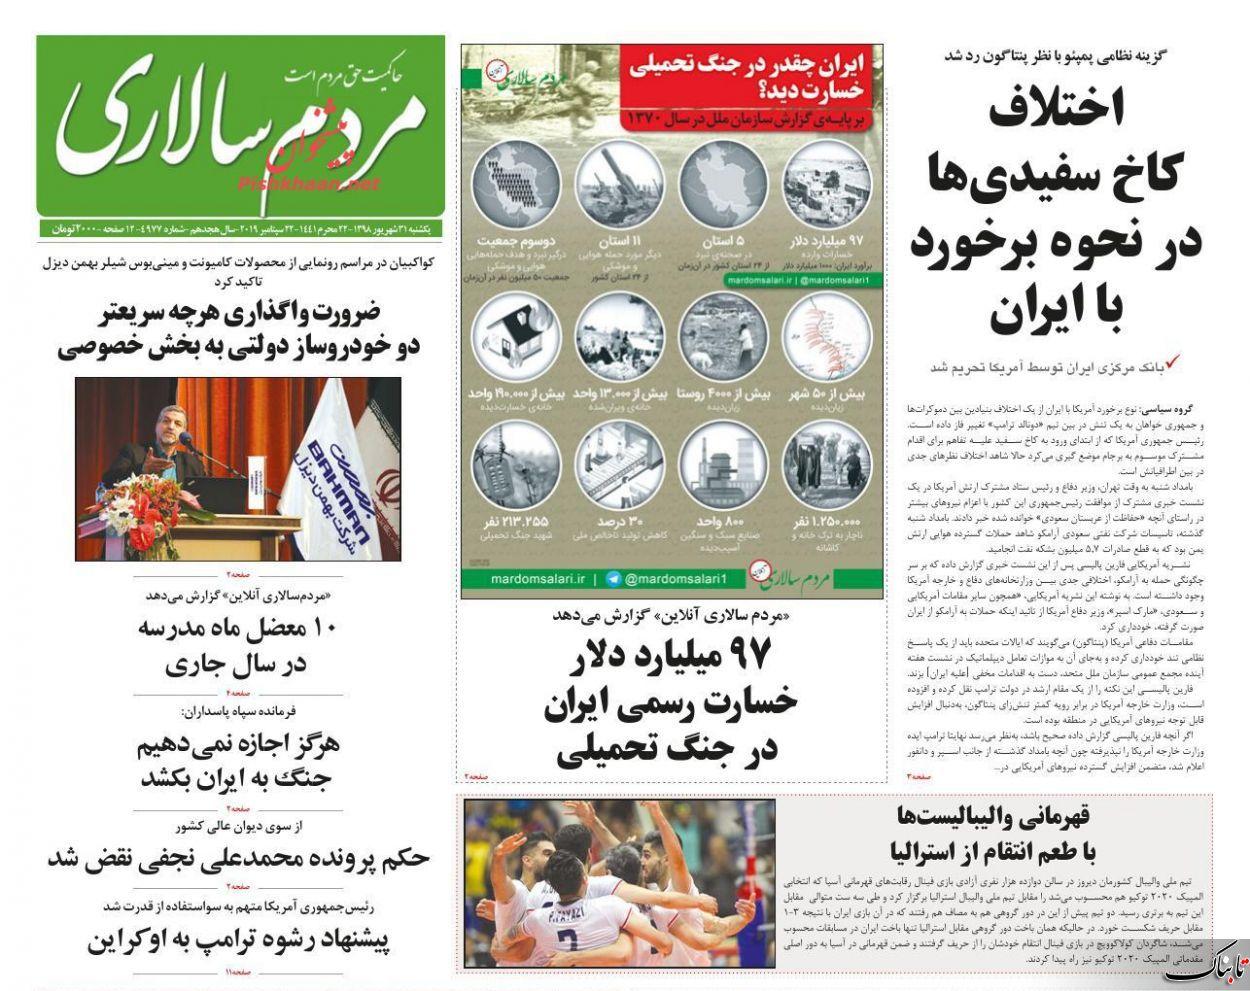 دلایل نقض حکم پرونده قتل میترا استاد/چرا در موضوع آرامکو عربستان علیه ایران فضاسازی میشود؟ /وعدههای انتخاباتی درباره اشتغال چه شد؟